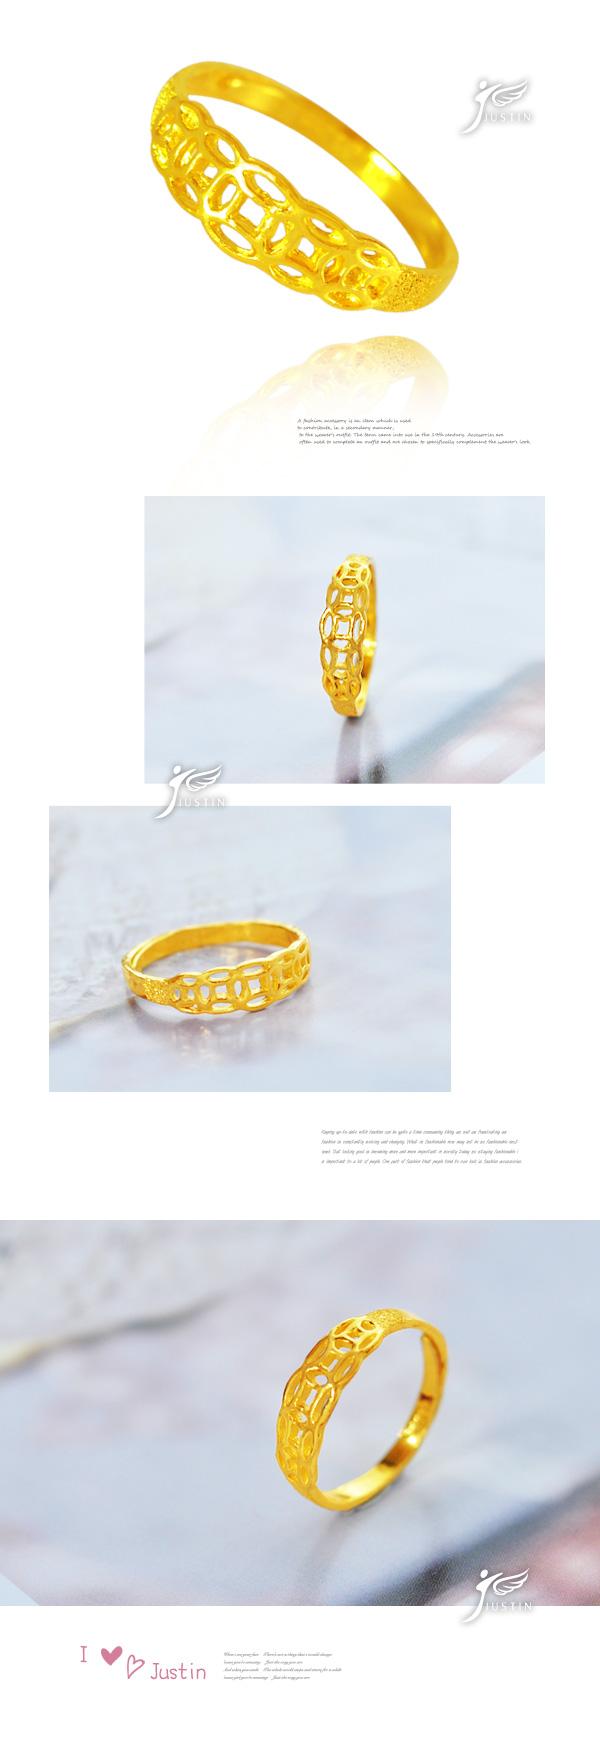 金緻品,金製品,黃金價格,金飾,金飾價格,黃金飾品,金飾店,純金,金飾品牌,黃金投資,黃金戒指,招財尾戒,招財五帝錢